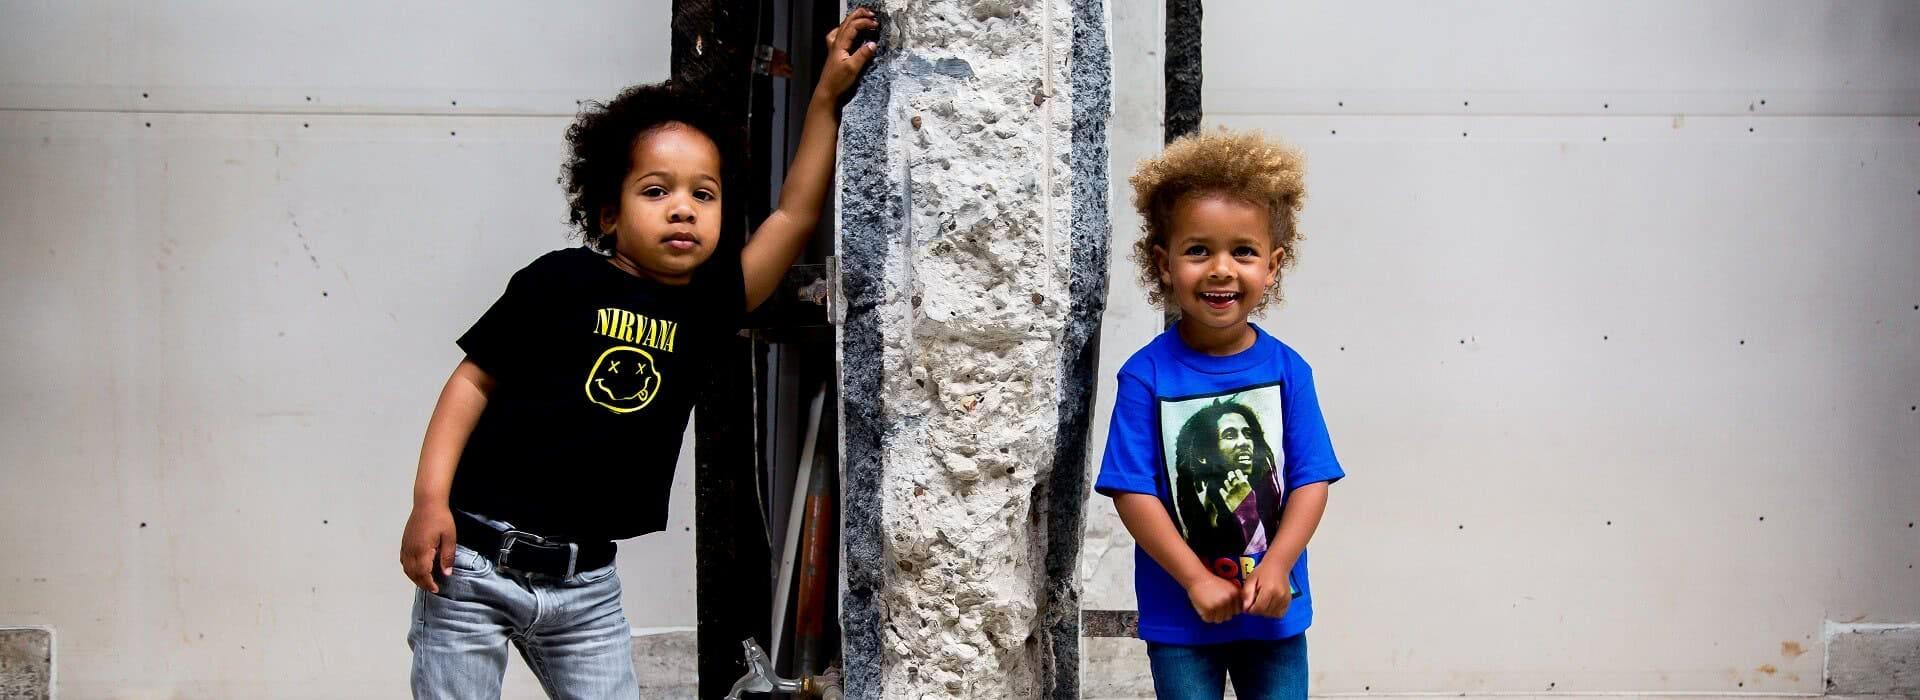 Kids rock clothes